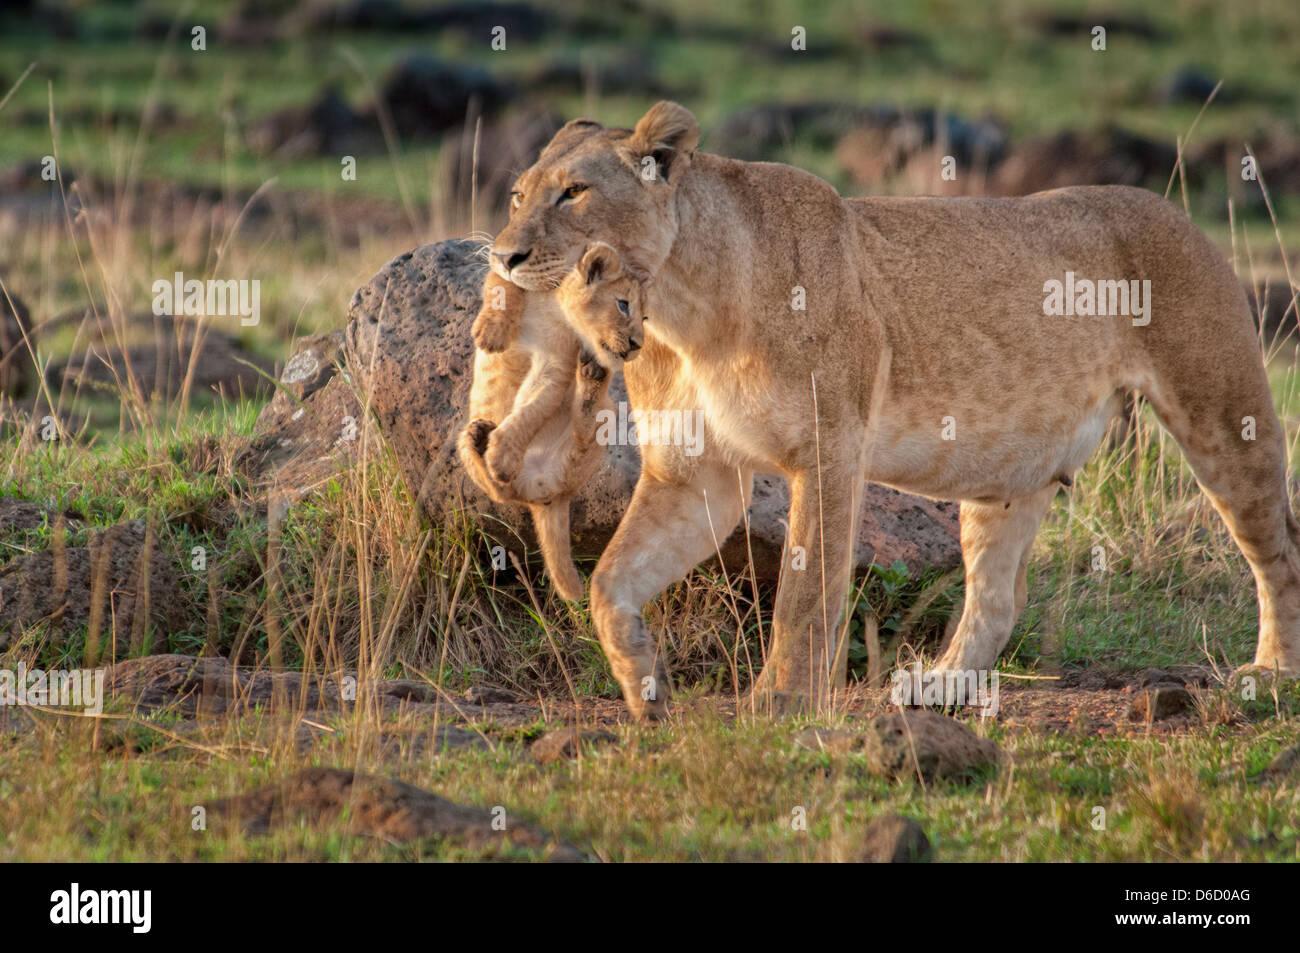 Löwin, Panthera Leo, tragen eine Cub in ihrem Mund, Masai Mara National Reserve, Kenia, Afrika Stockbild